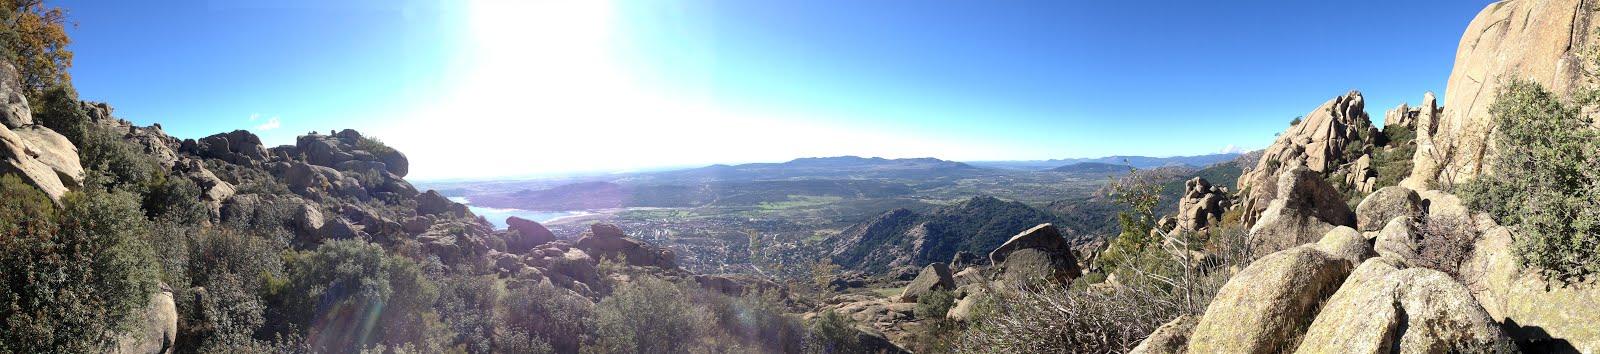 climb trip